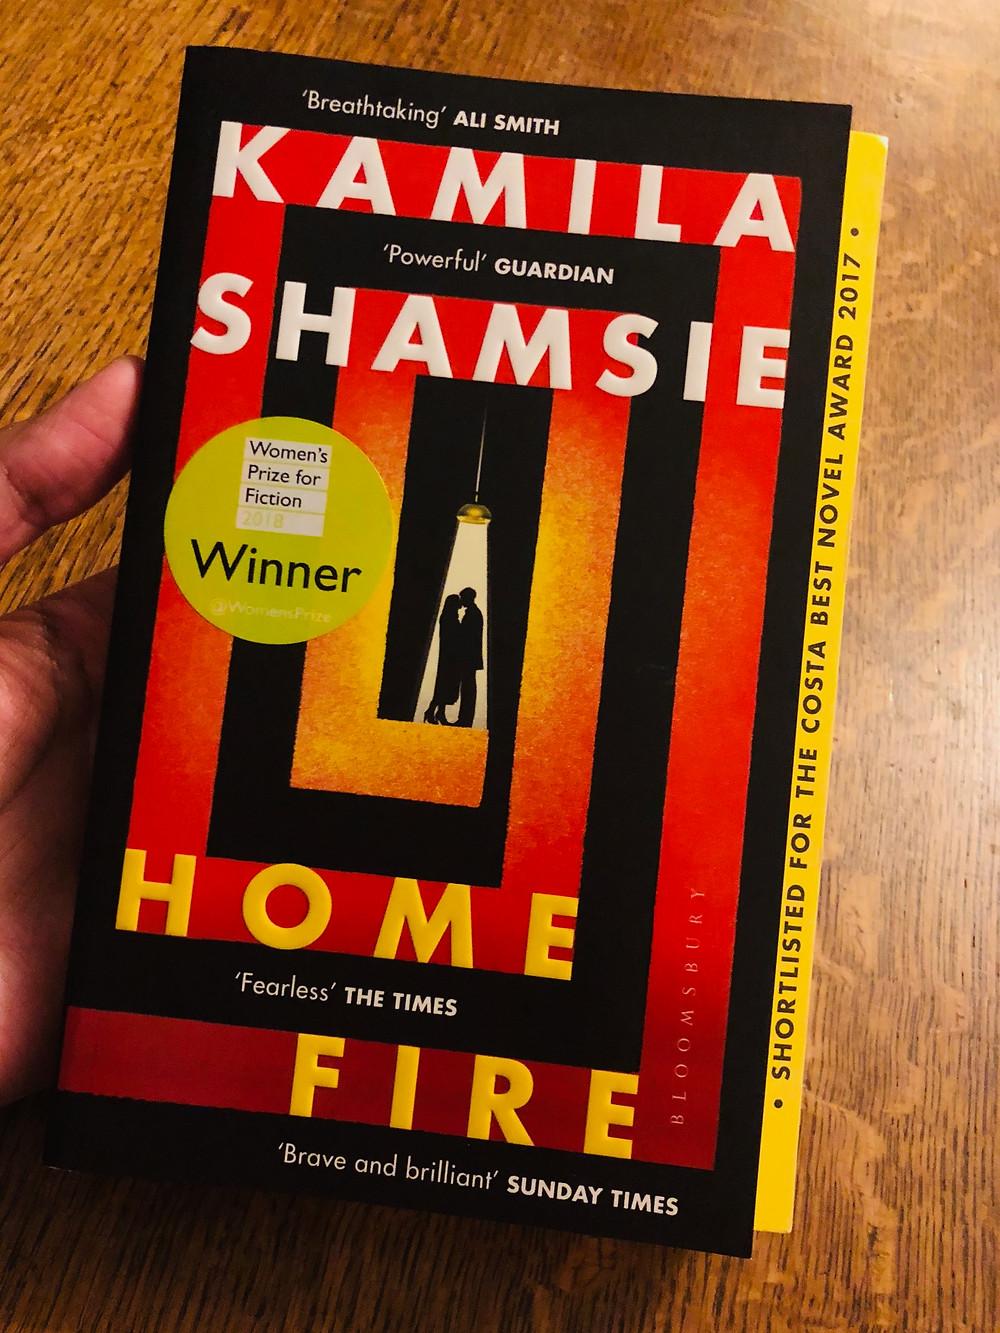 Kamila Shamsie's Home Fire